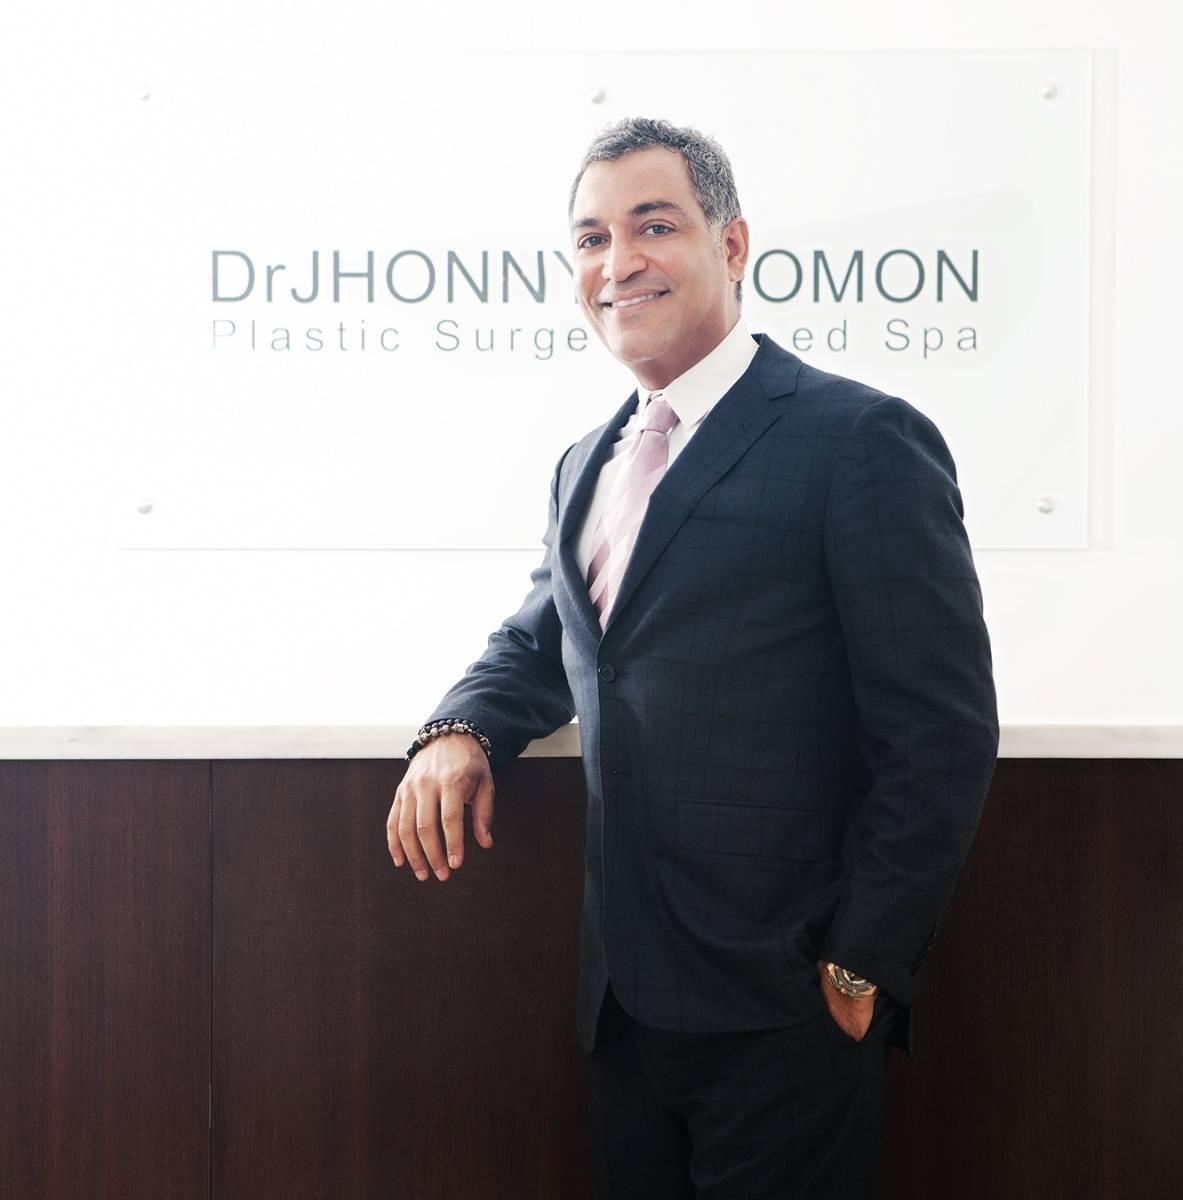 Dr. Jhonny salomon M.D., F.A.C.S.